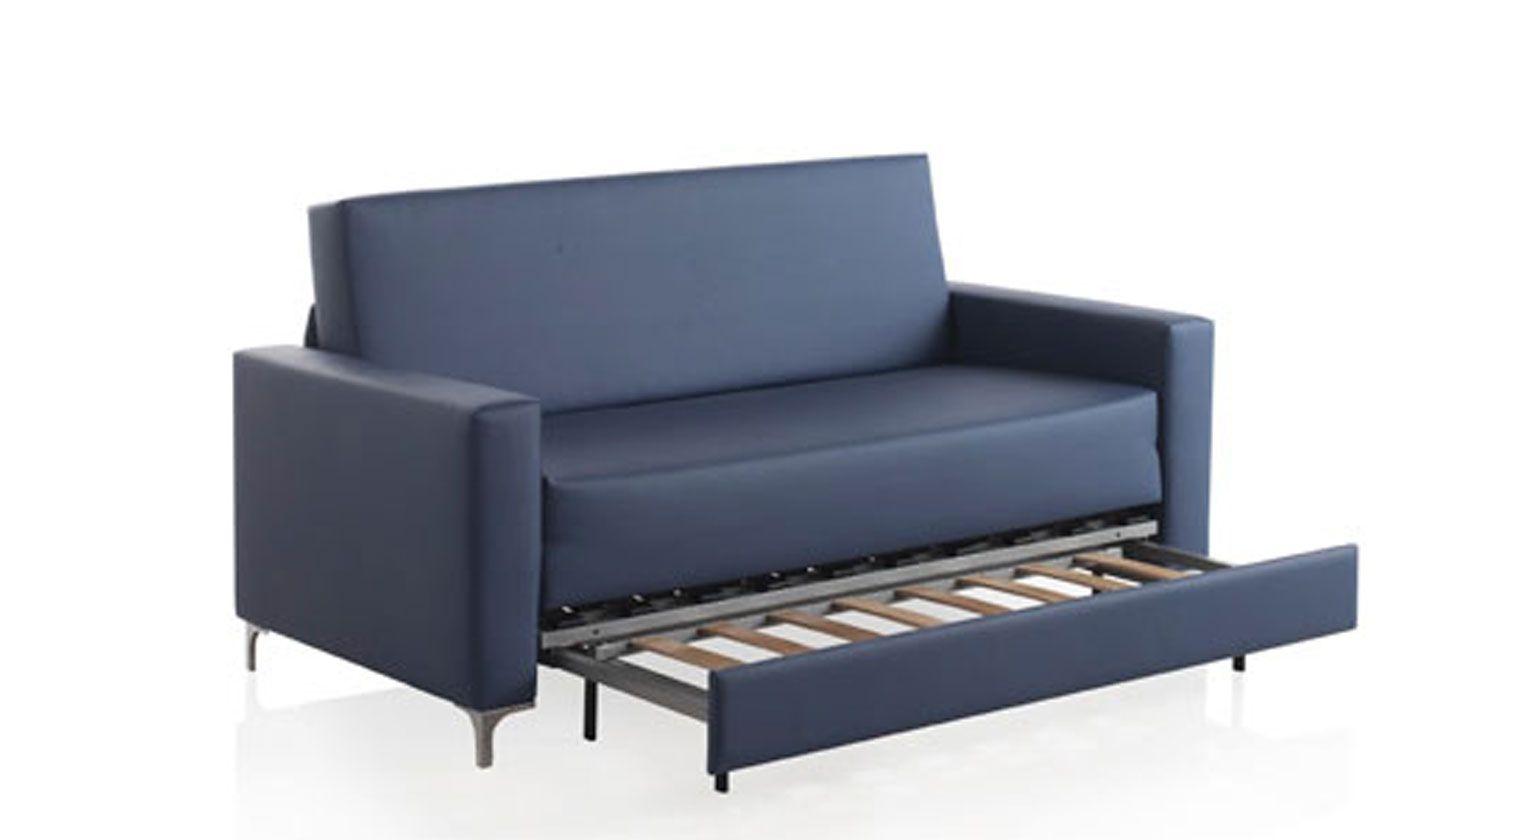 Comprar sof cama brest 1 plaza cama de 80x190 cm bonus for Sofa cama 1 plaza barato